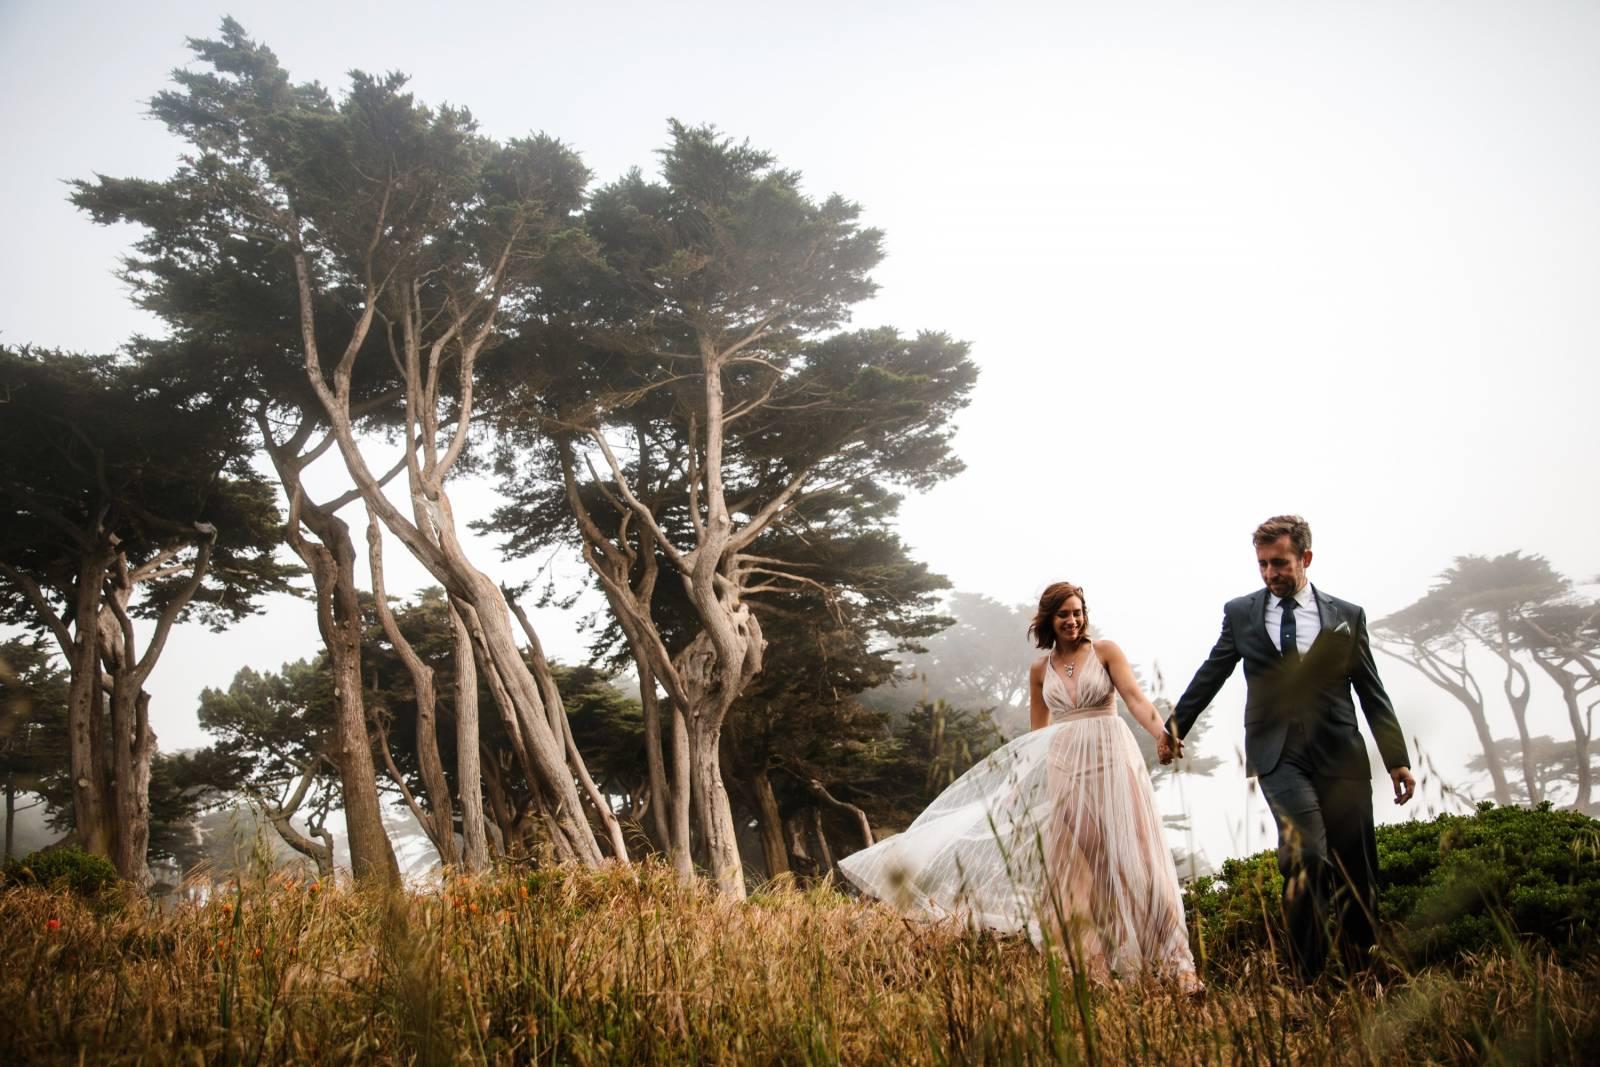 Yves Schepers Photography - Fotograaf - Huwelijksfotograaf - Trouwfotograaf - Bruidsfotograaf - House of Weddings - 8